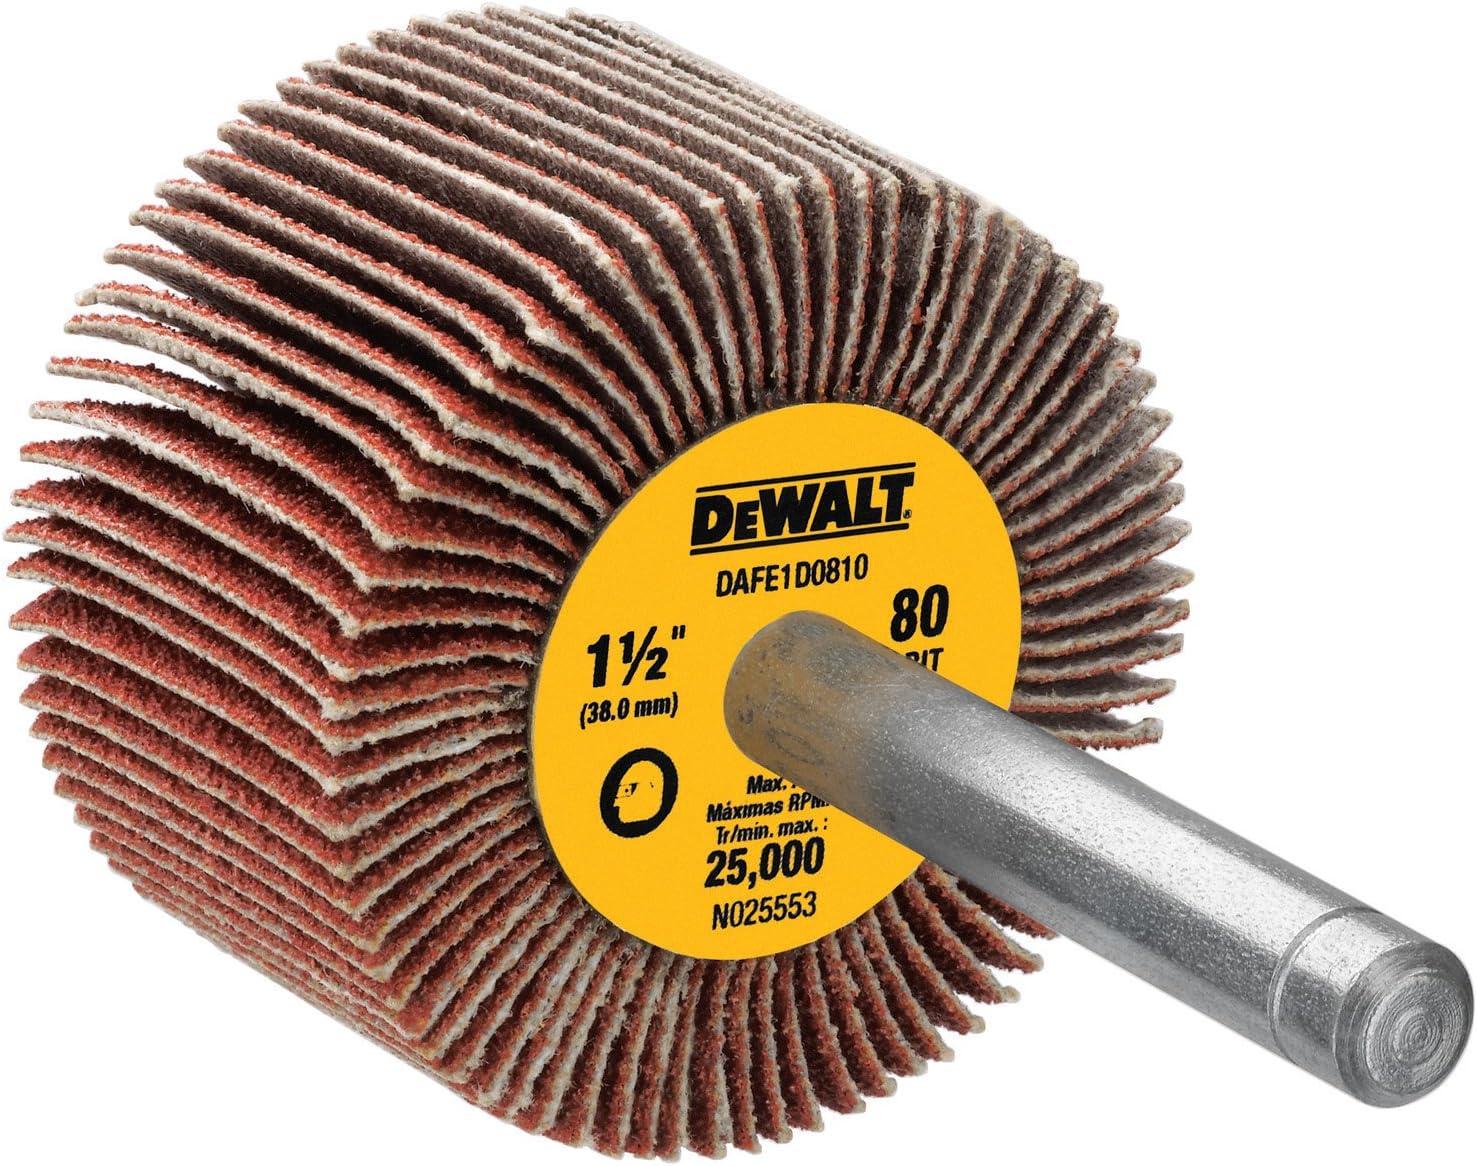 DEWALT DAFE1F1210 2-Inch by 1-Inch by 1//4-Inch HP 120g Flap Wheel